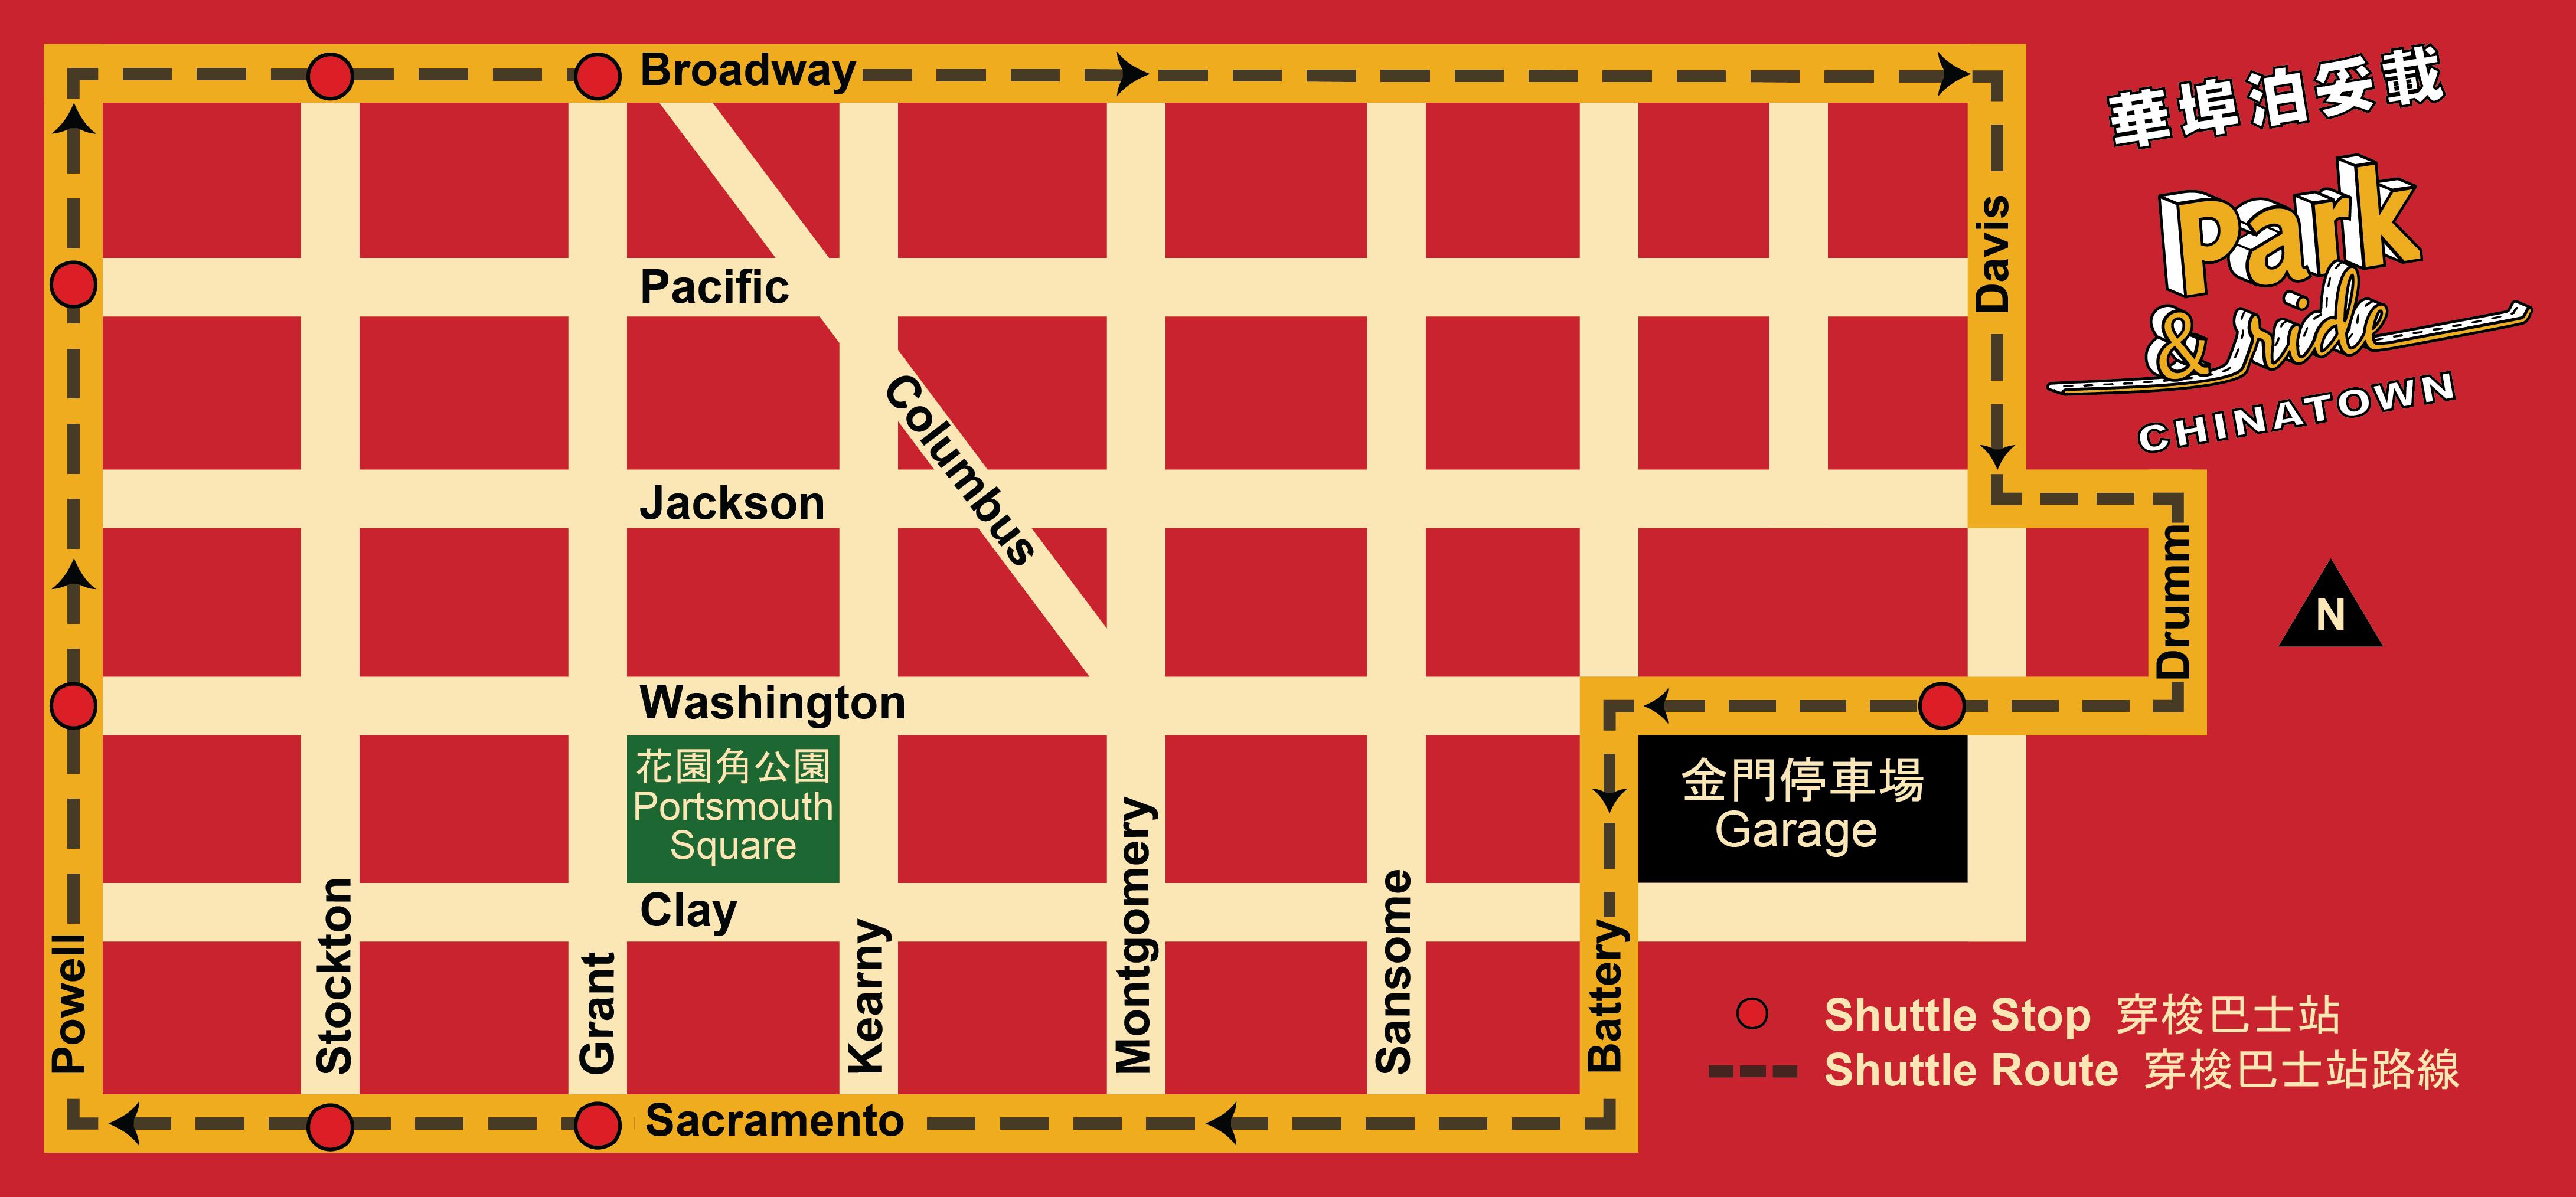 chinatownparkandridecom